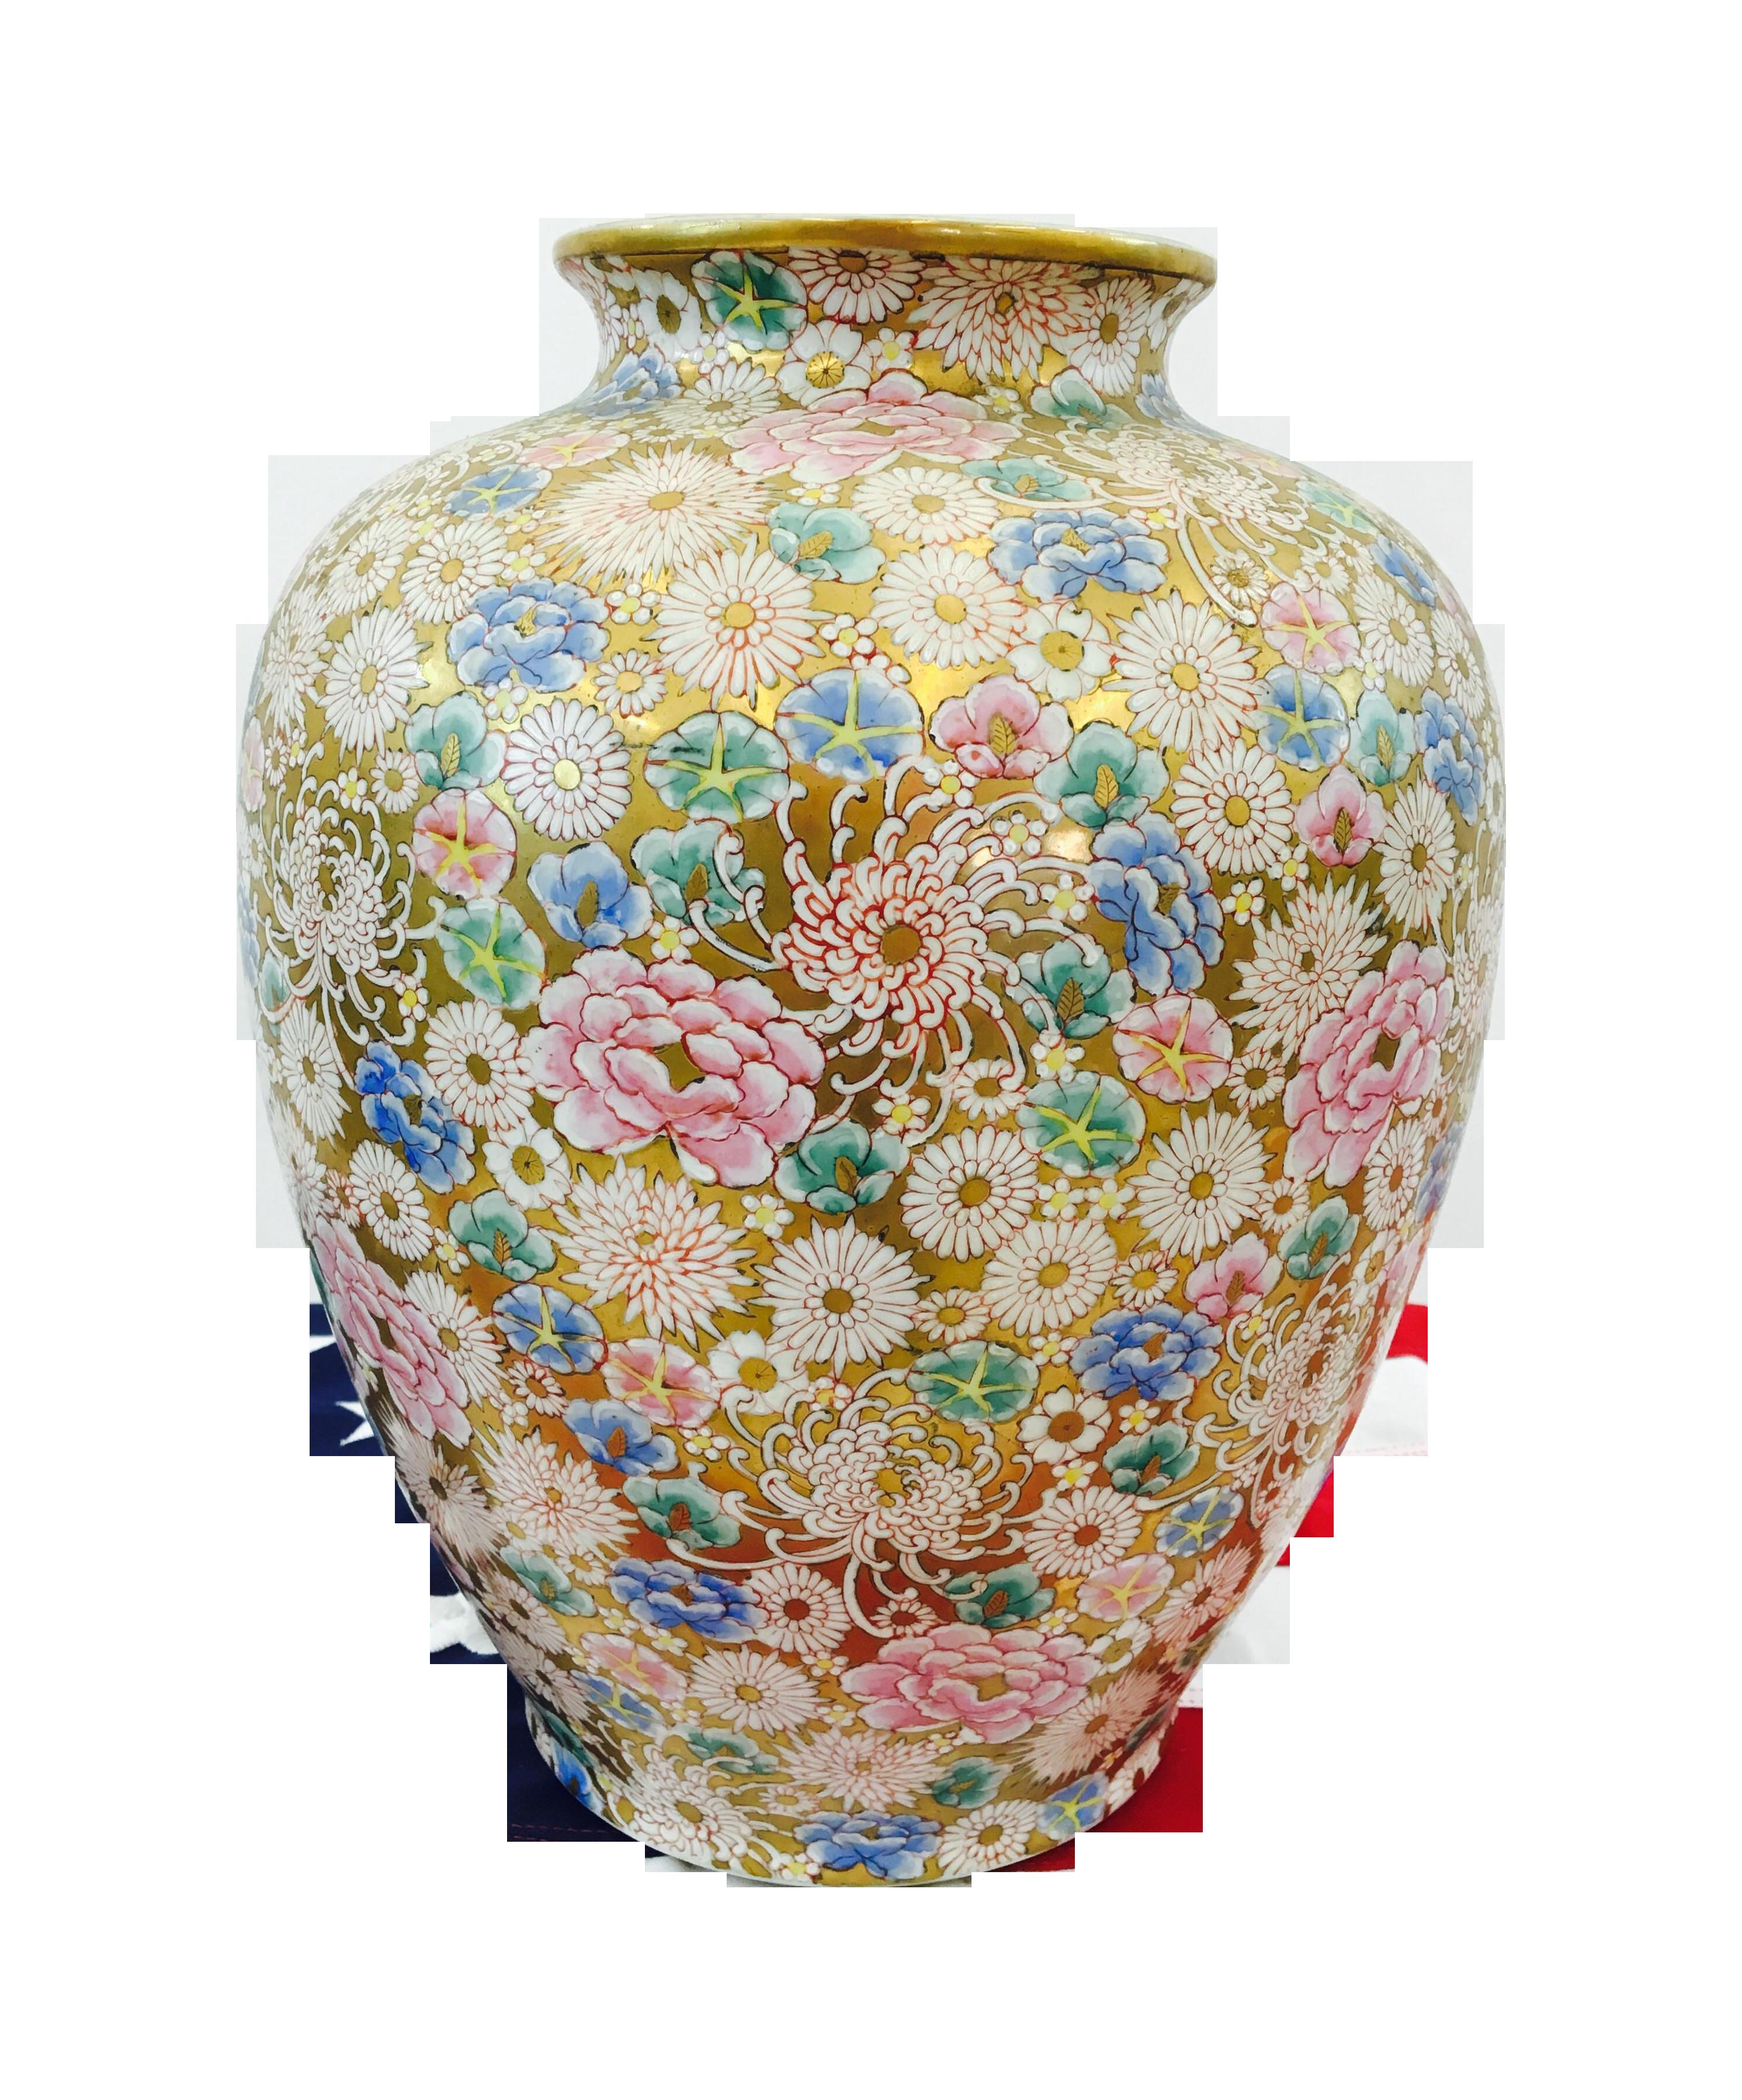 vintage vases bulk of vintage signed floral asian ginger jar or vase vintage signs jar with regard to vintage signed floral asian ginger jar or vase